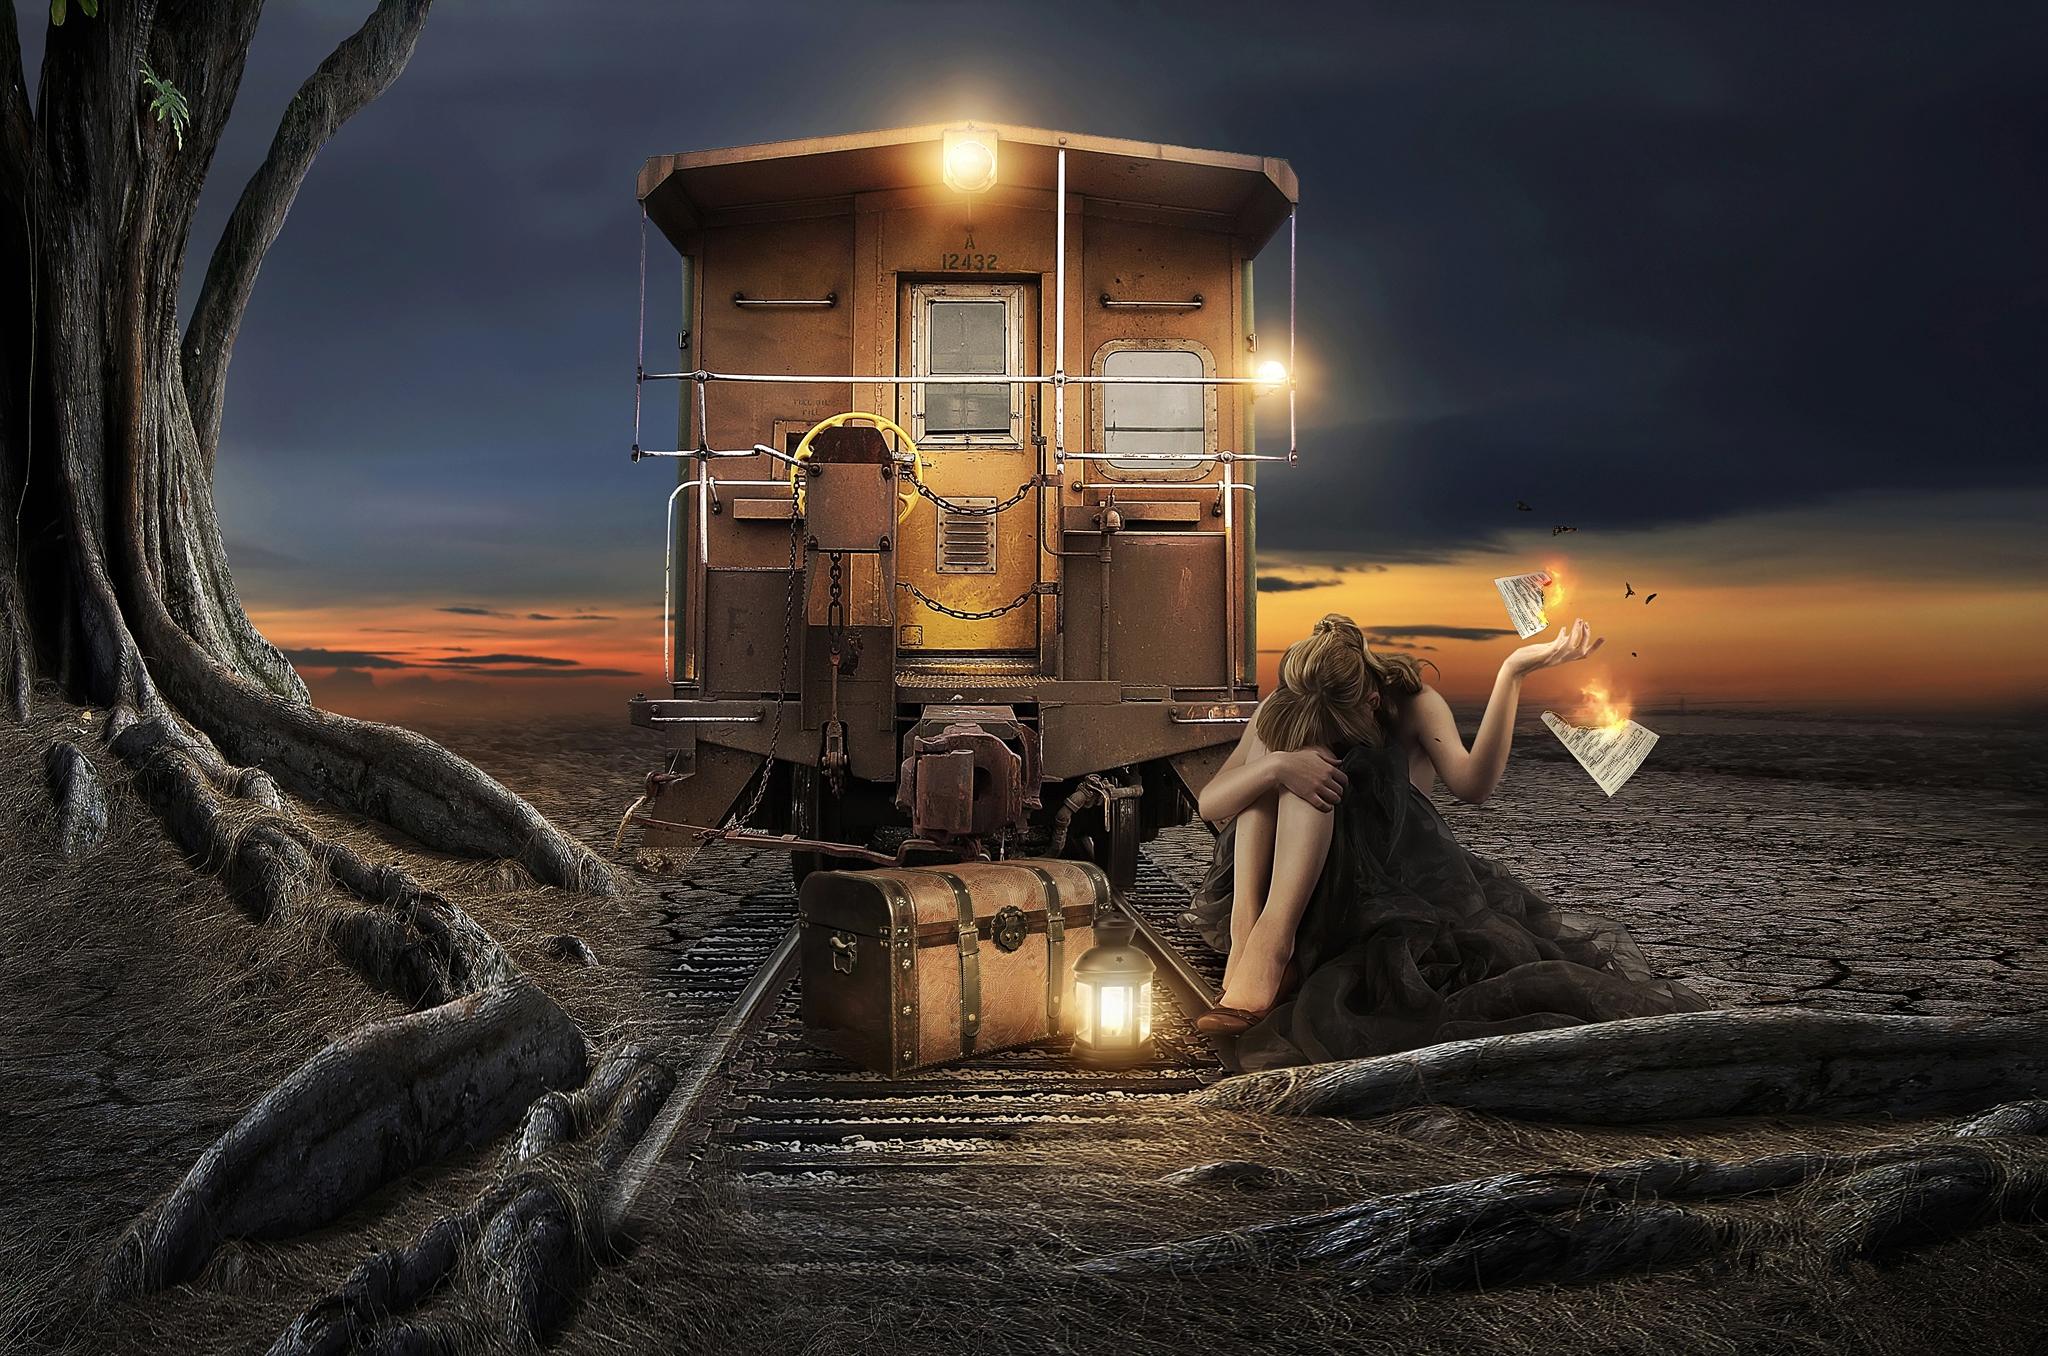 обои девушка, железная дорога, вагон, фонари картинки фото